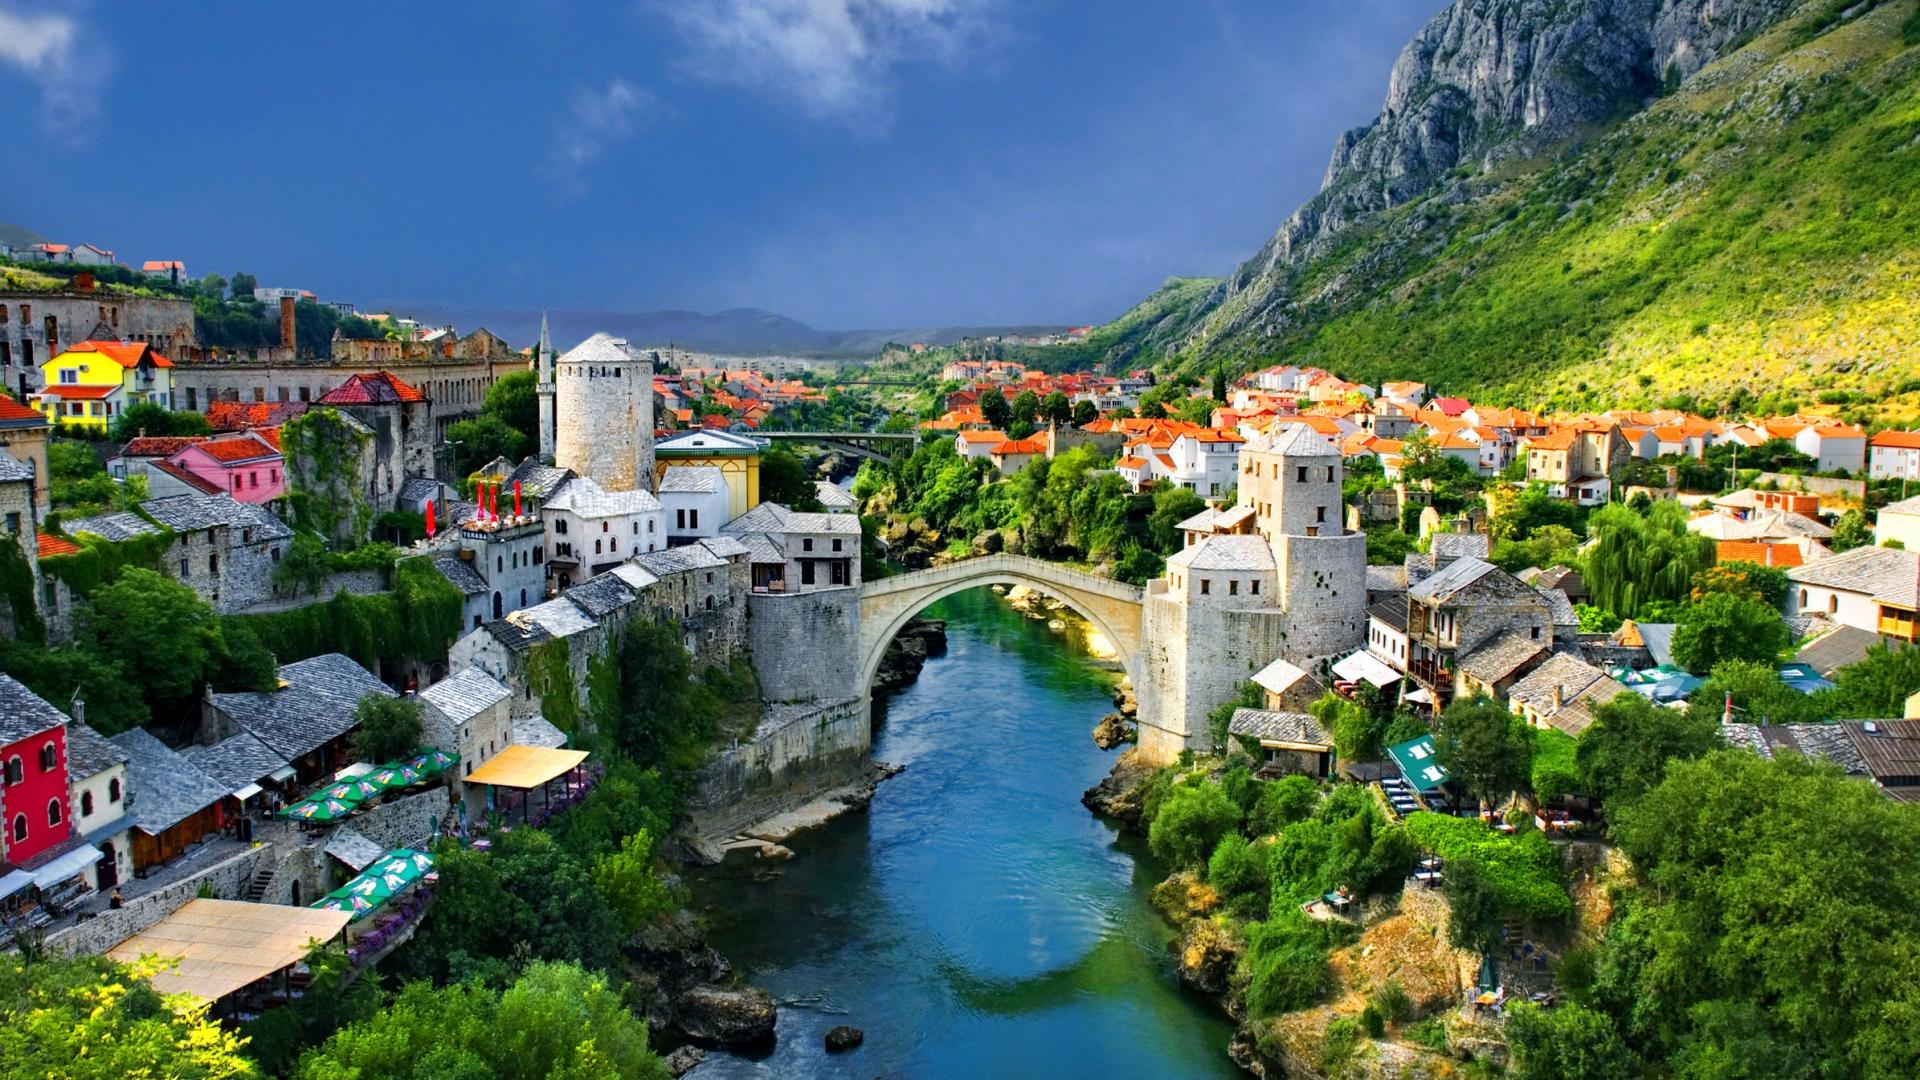 alpine_town_mountains_houses_bridge_river_trees_nature_landscape_63200_1920x1080.jpg